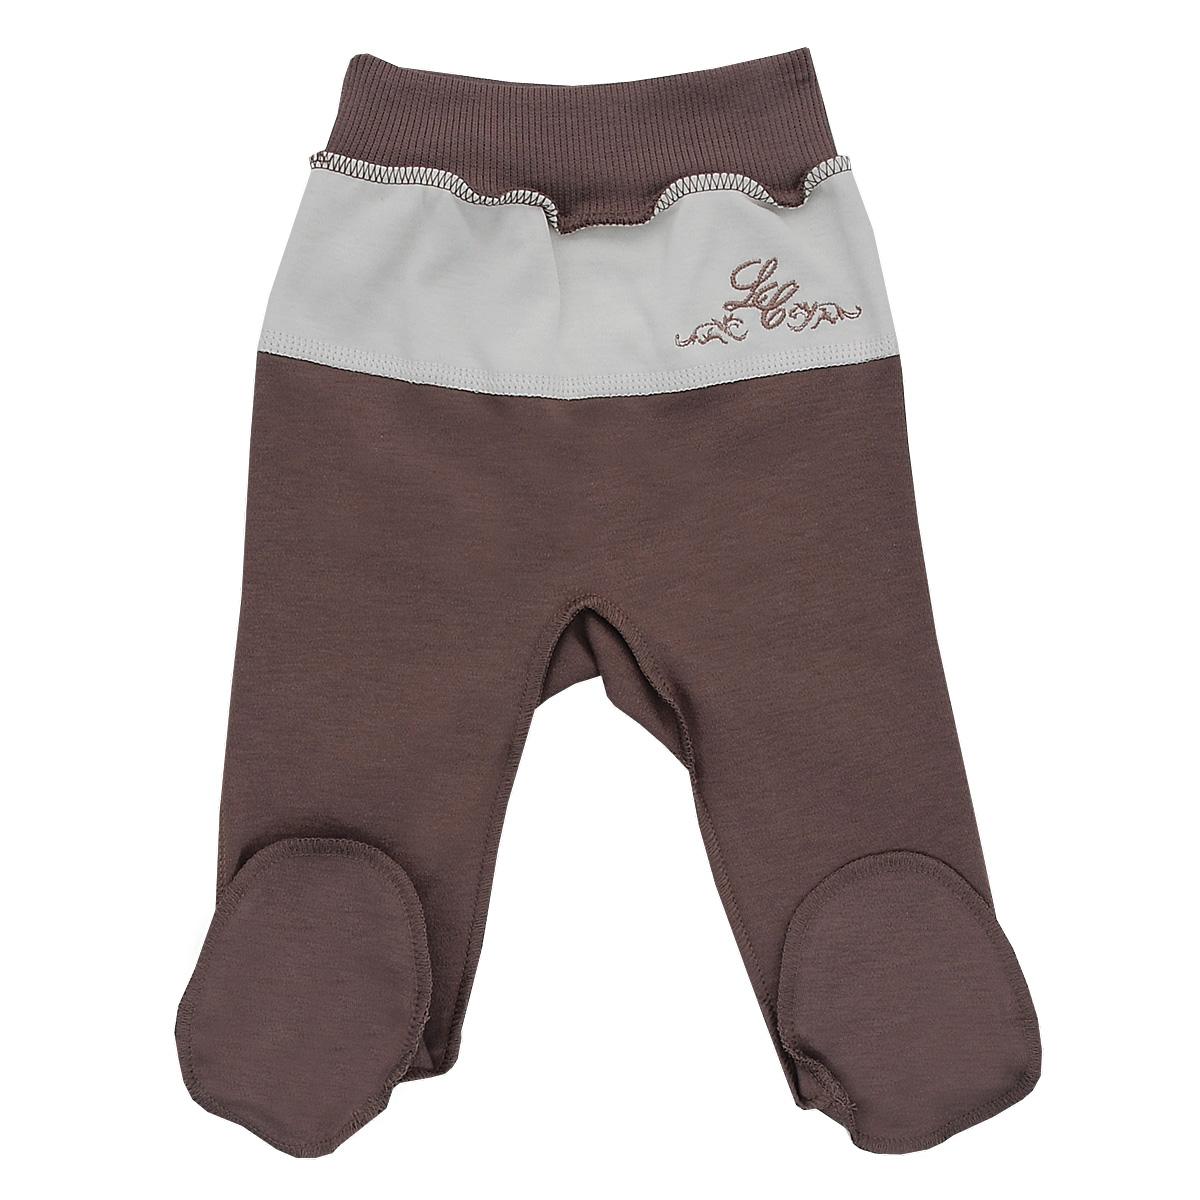 Ползунки20-4Ползунки для мальчика Lucky Child - послужат идеальным дополнением к гардеробу малыша. Они выполнены из натурального хлопка, благодаря чему они необычайно мягкие и приятные на ощупь, не раздражают нежную кожу ребенка и хорошо вентилируются, а эластичные швы приятны телу малыша и не препятствуют его движениям. Ползунки с закрытыми ножками выполнены швами наружу и подходят для ношения с подгузником и без него. На талии они имеют широкую трикотажную резинку, не сжимающую животик ребенка. Спереди модель дополнена вставкой контрастного цвета, оформленной вышивкой. В этих ползунках вашему малышу всегда будет комфортно и уютно.